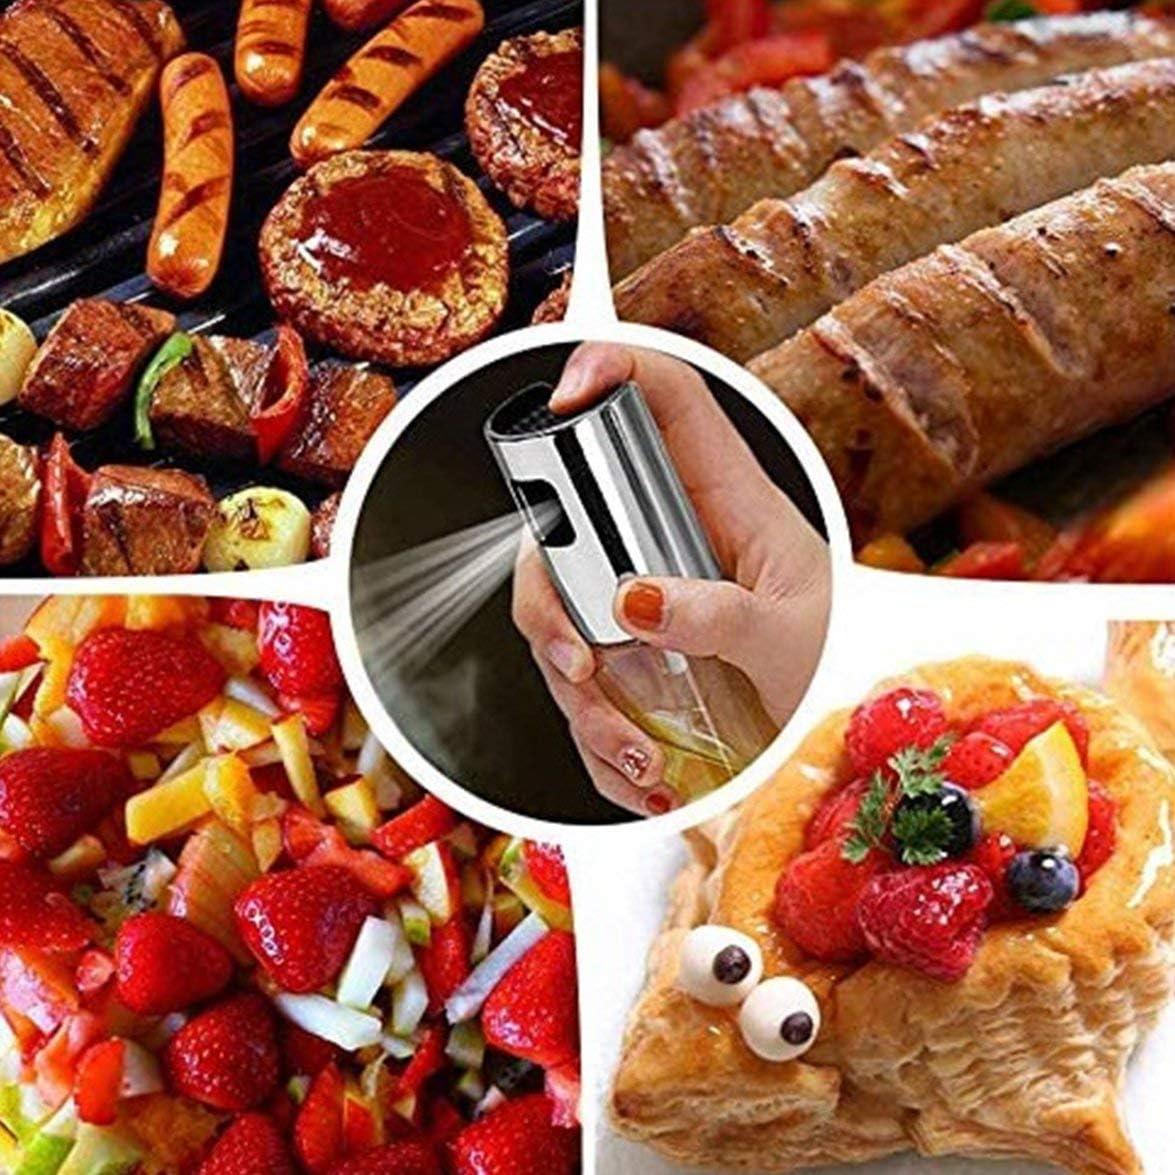 BBQ Backen Oliven/öl Spr/ühflasche /Öl Essig Spr/ühflaschen /Ölspender Kochwerkzeug Salat BBQ K/üchenger/äte